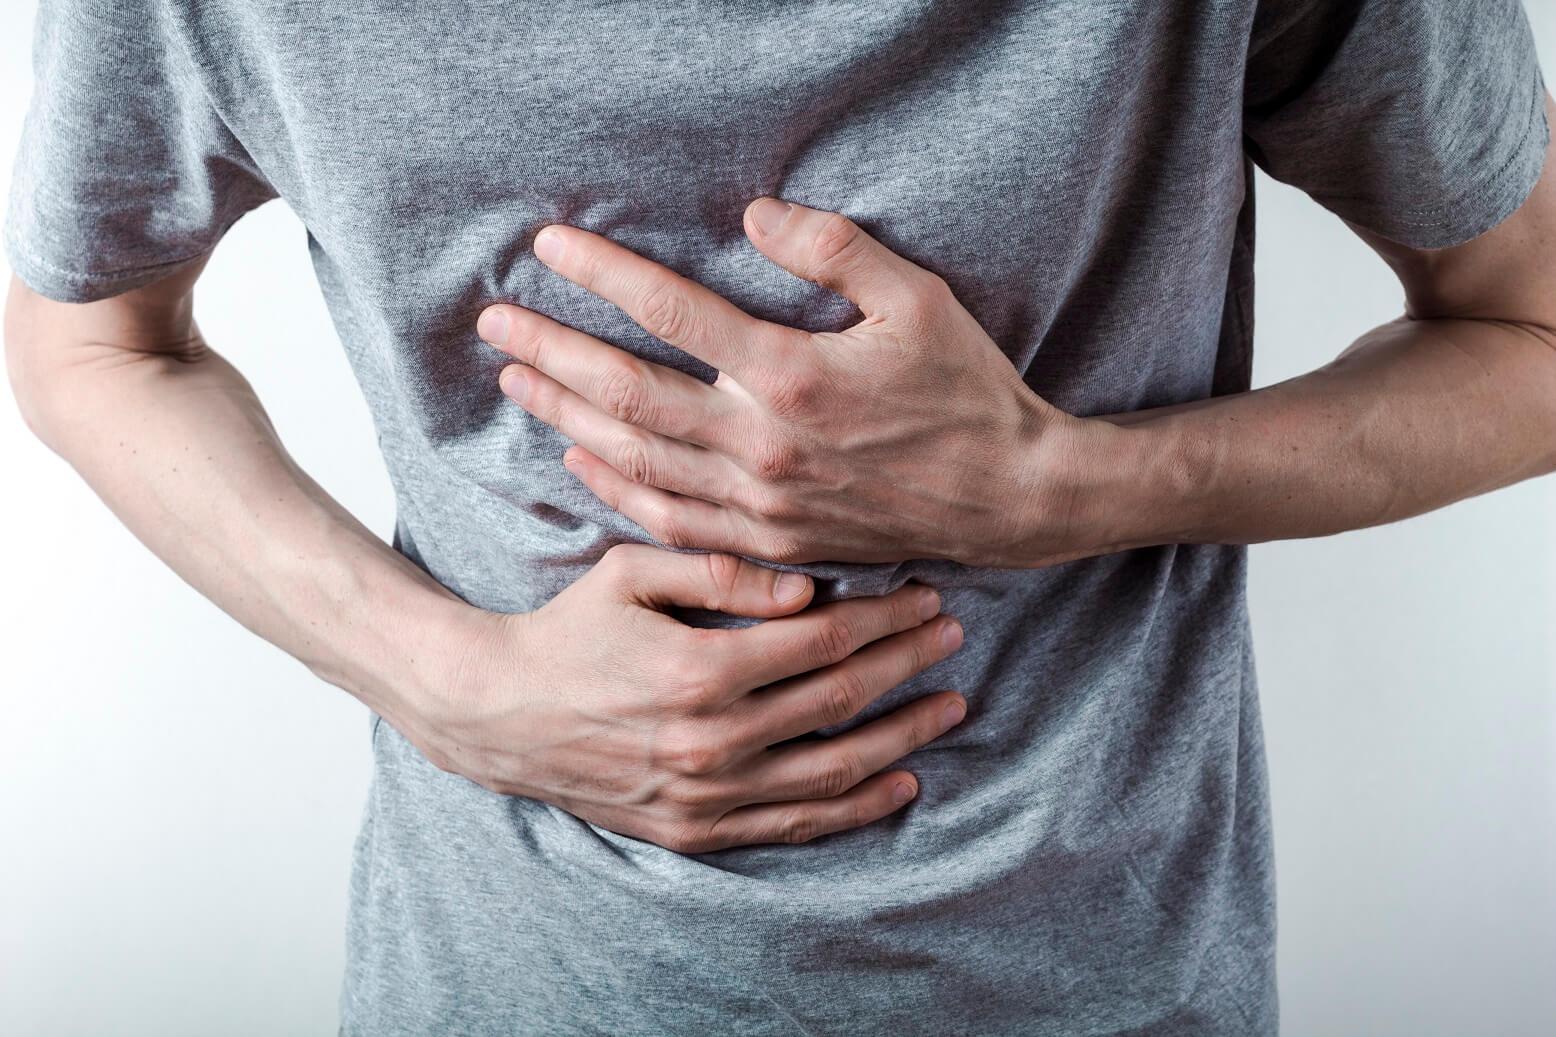 gyomorfekély ízületi fájdalom a nagy lábujj artritisz tünetei